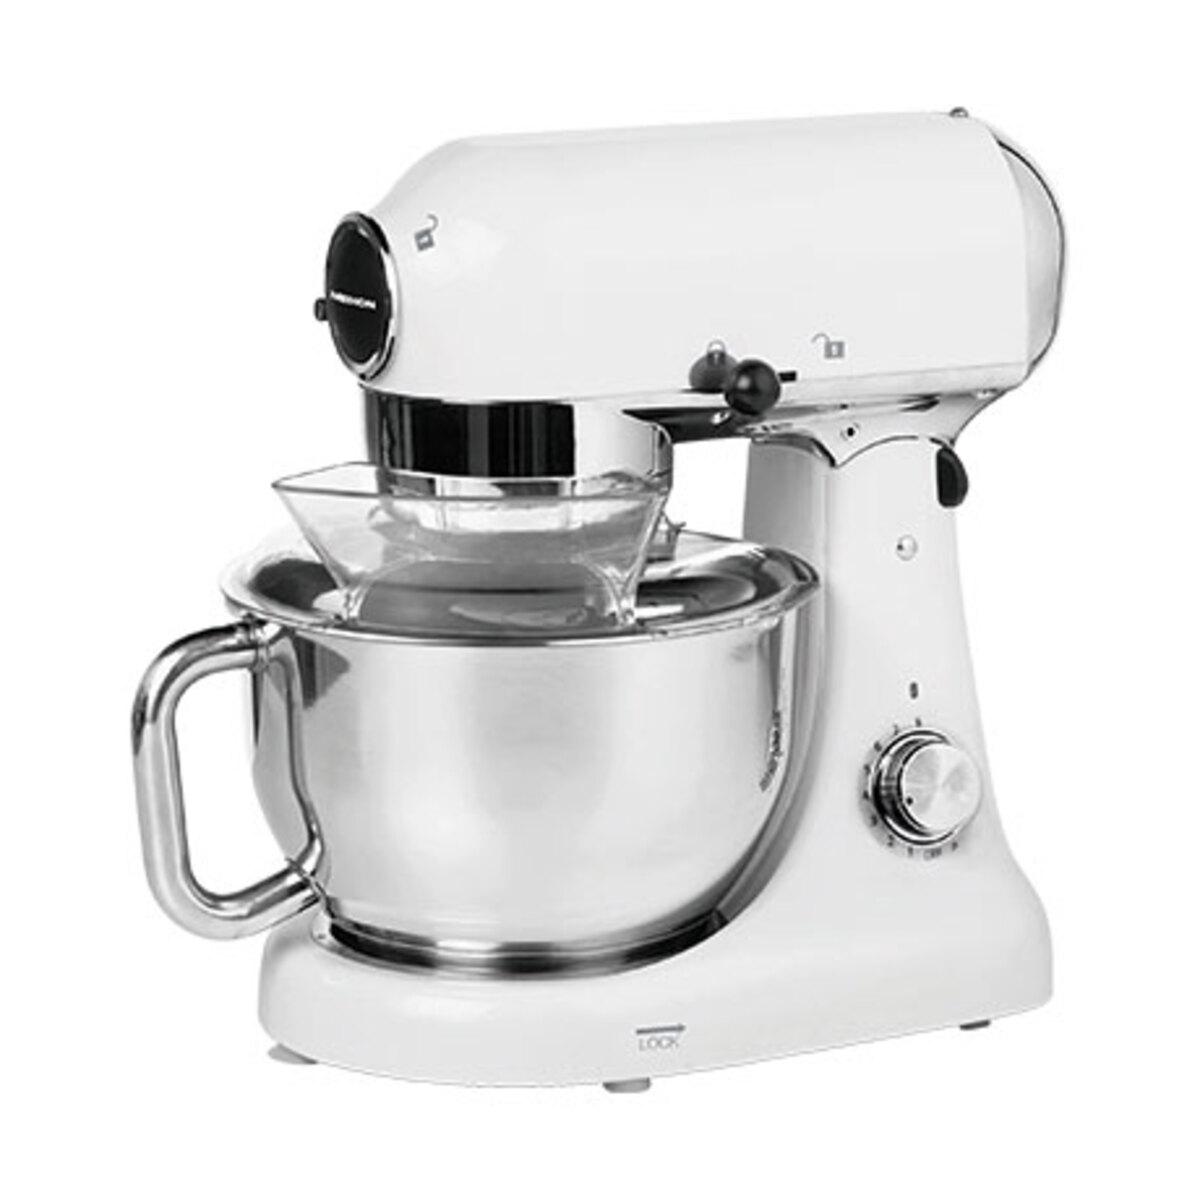 Bild 2 von Küchenmaschine MD 16480 weiß1